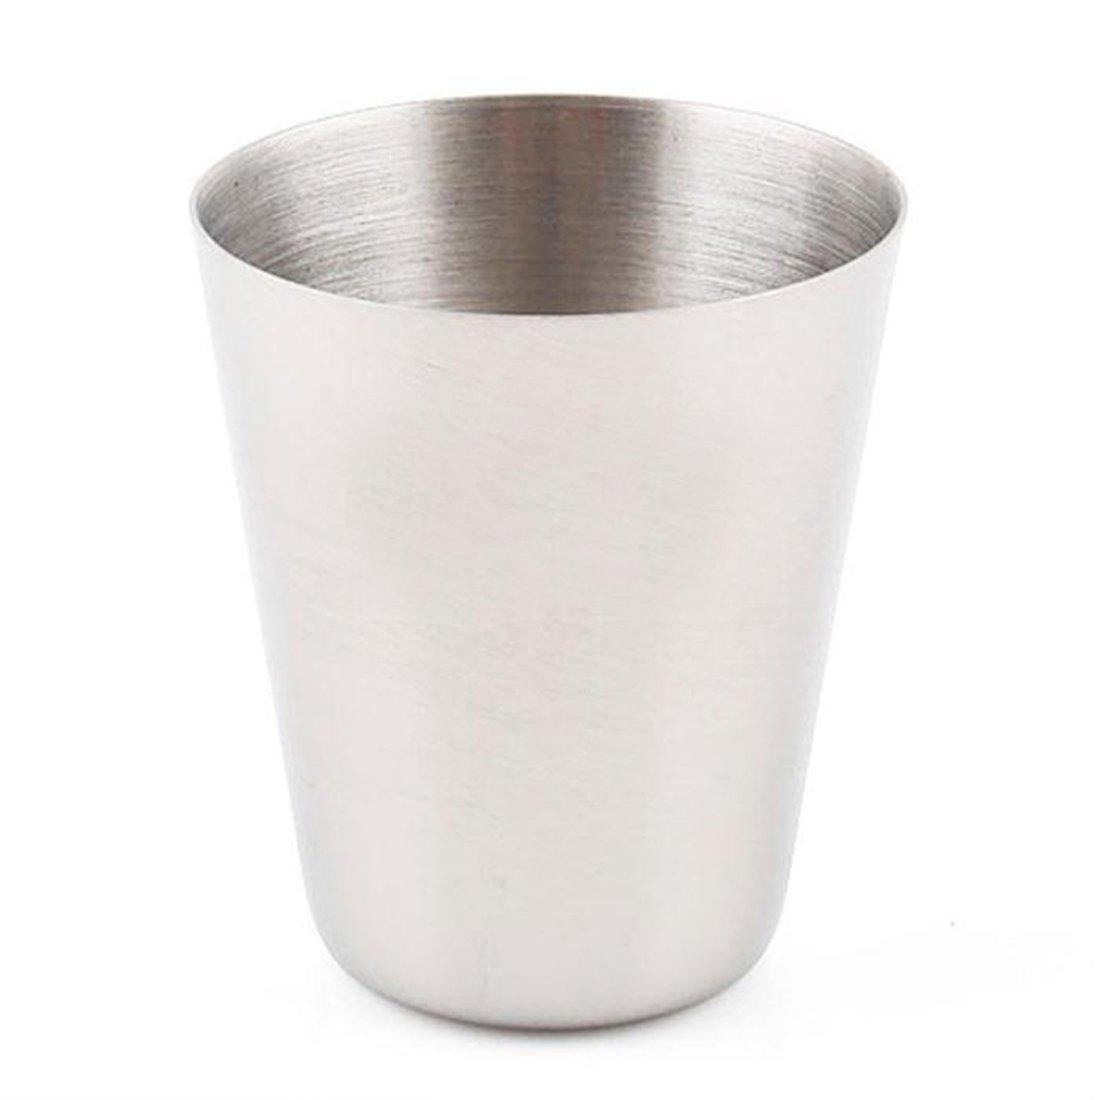 【再入荷!】 funnytoday365シックアウトドア特別なメガネFlagonポータブルステンレス鋼ヒップフラスコカップヒップフラスコワインガラスカップ   B07BGV3ZV7, 電子タバコ雑貨の卸問屋 伊賀屋:21dd28a3 --- a0267596.xsph.ru